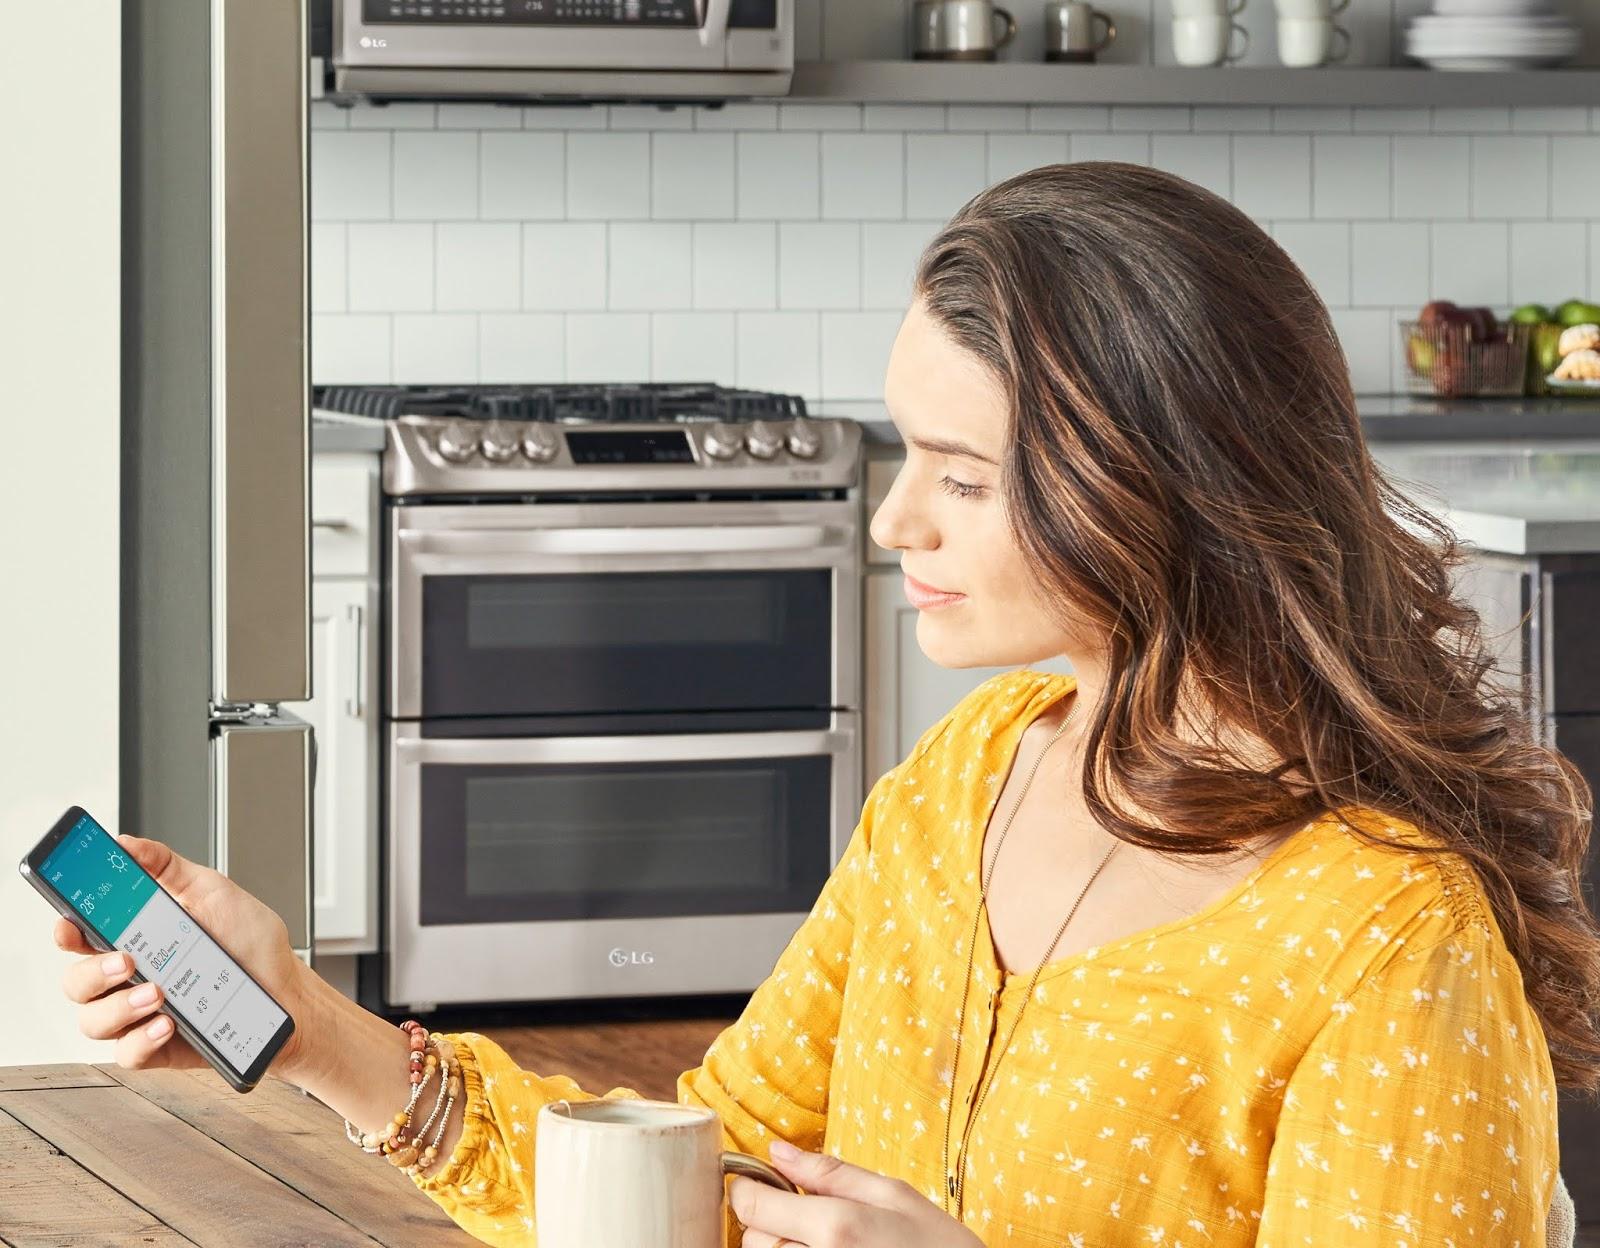 Trabaja en casa sin descuidar tus quehaceres  en el hogar con la aplicación LG ThinQ